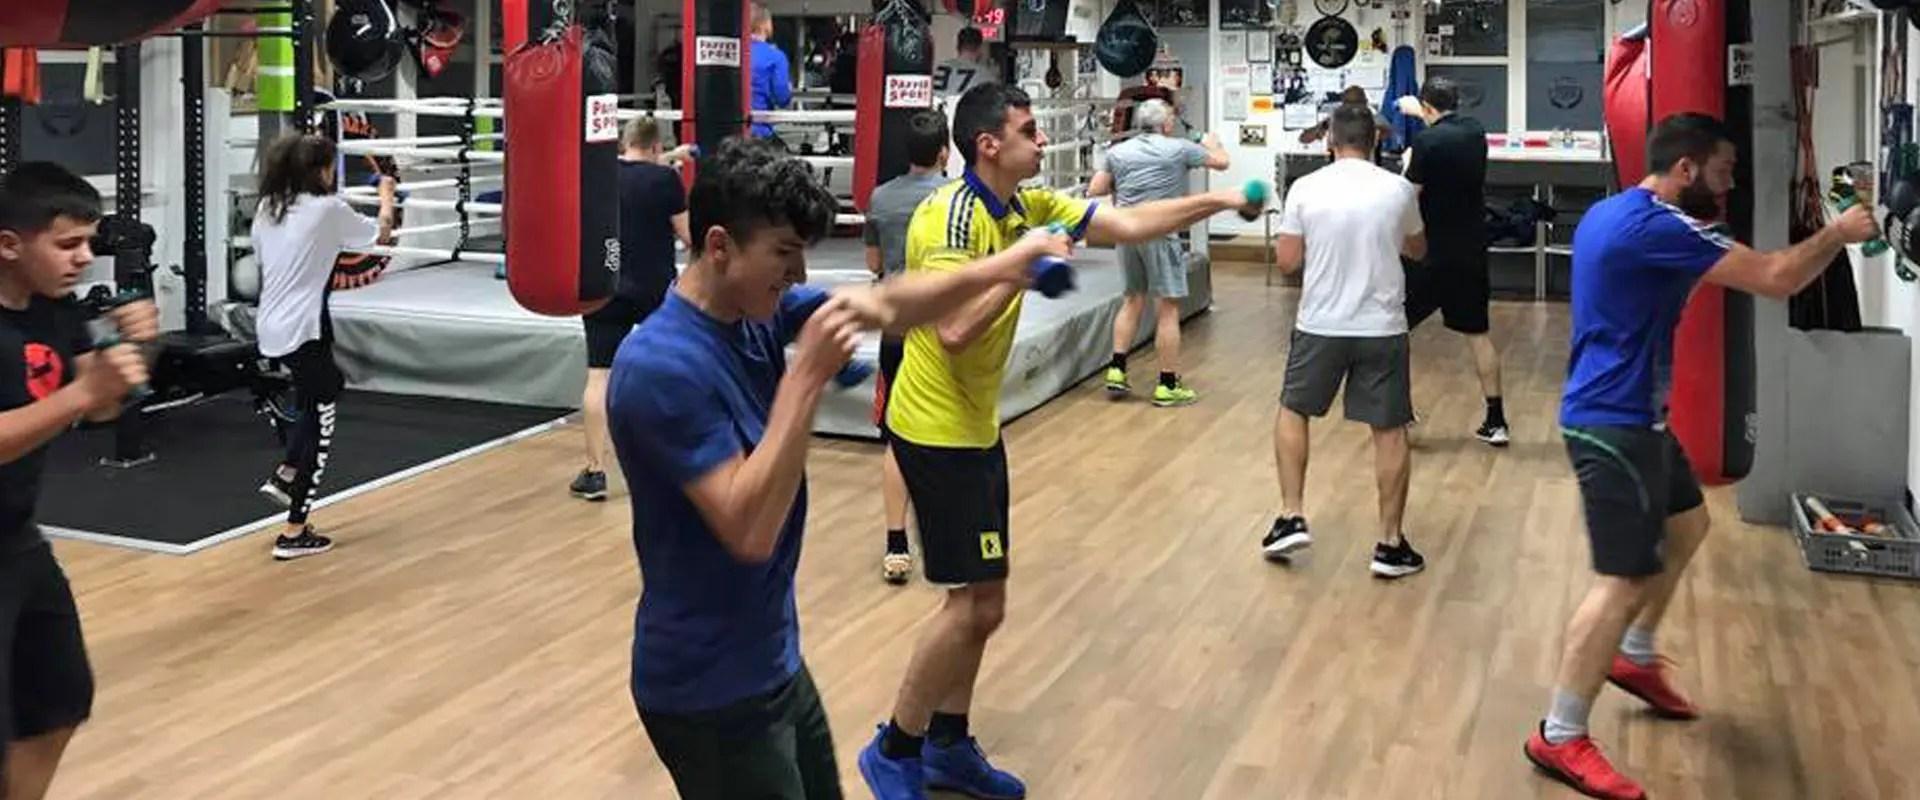 Permalink to: BOXFIT Boxen & Fitness für Männer & Frauen